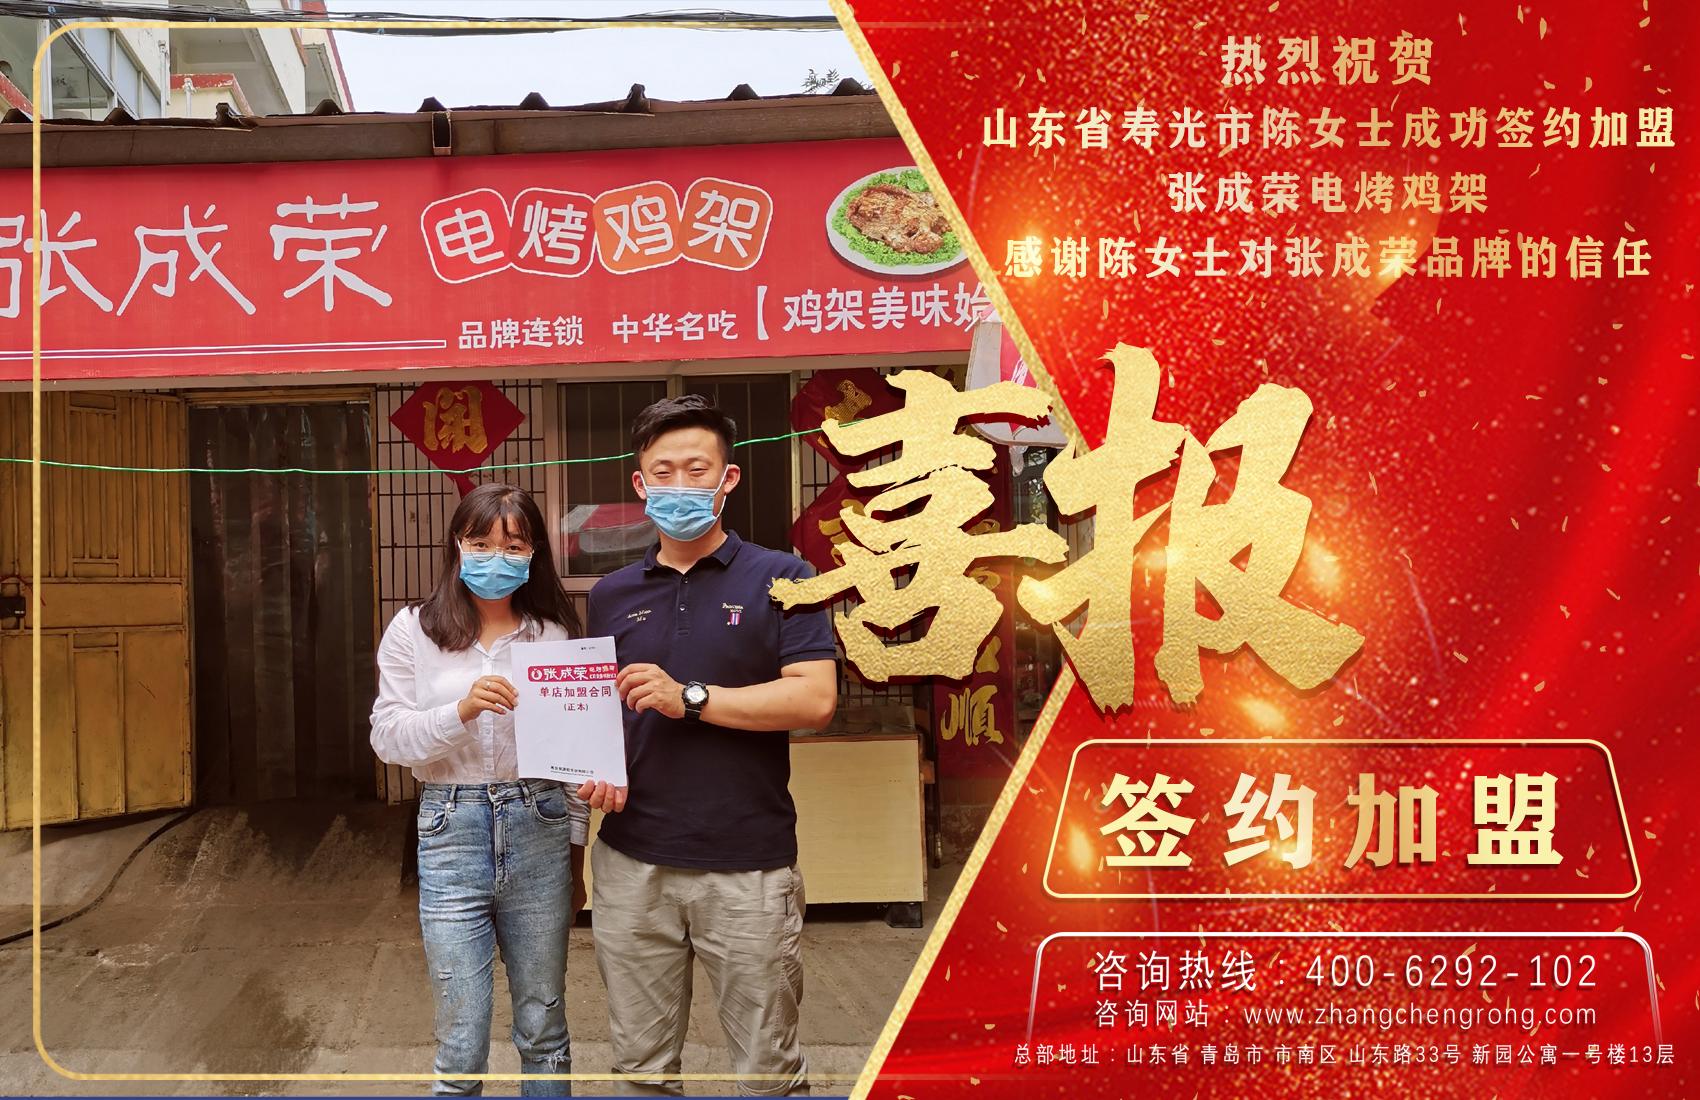 贺报:山东省寿光市陈女士成功签约张成荣电烤鸡架项目